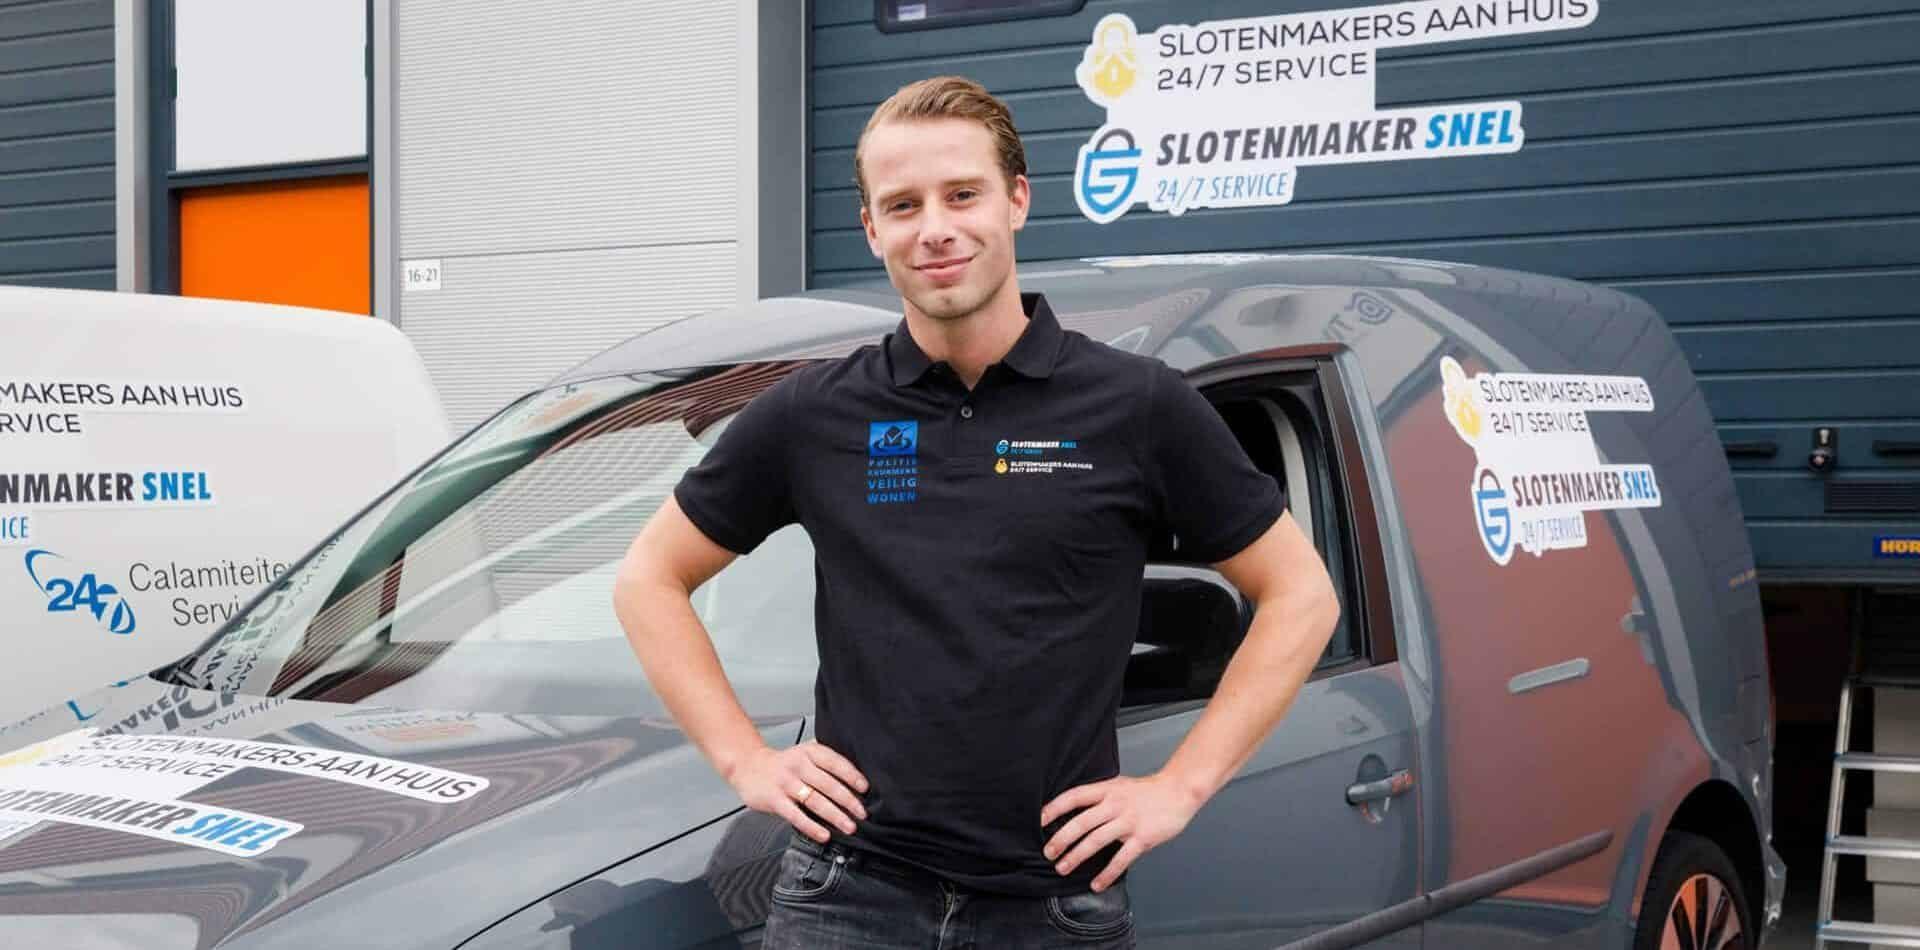 Slotenmaker IJmuiden